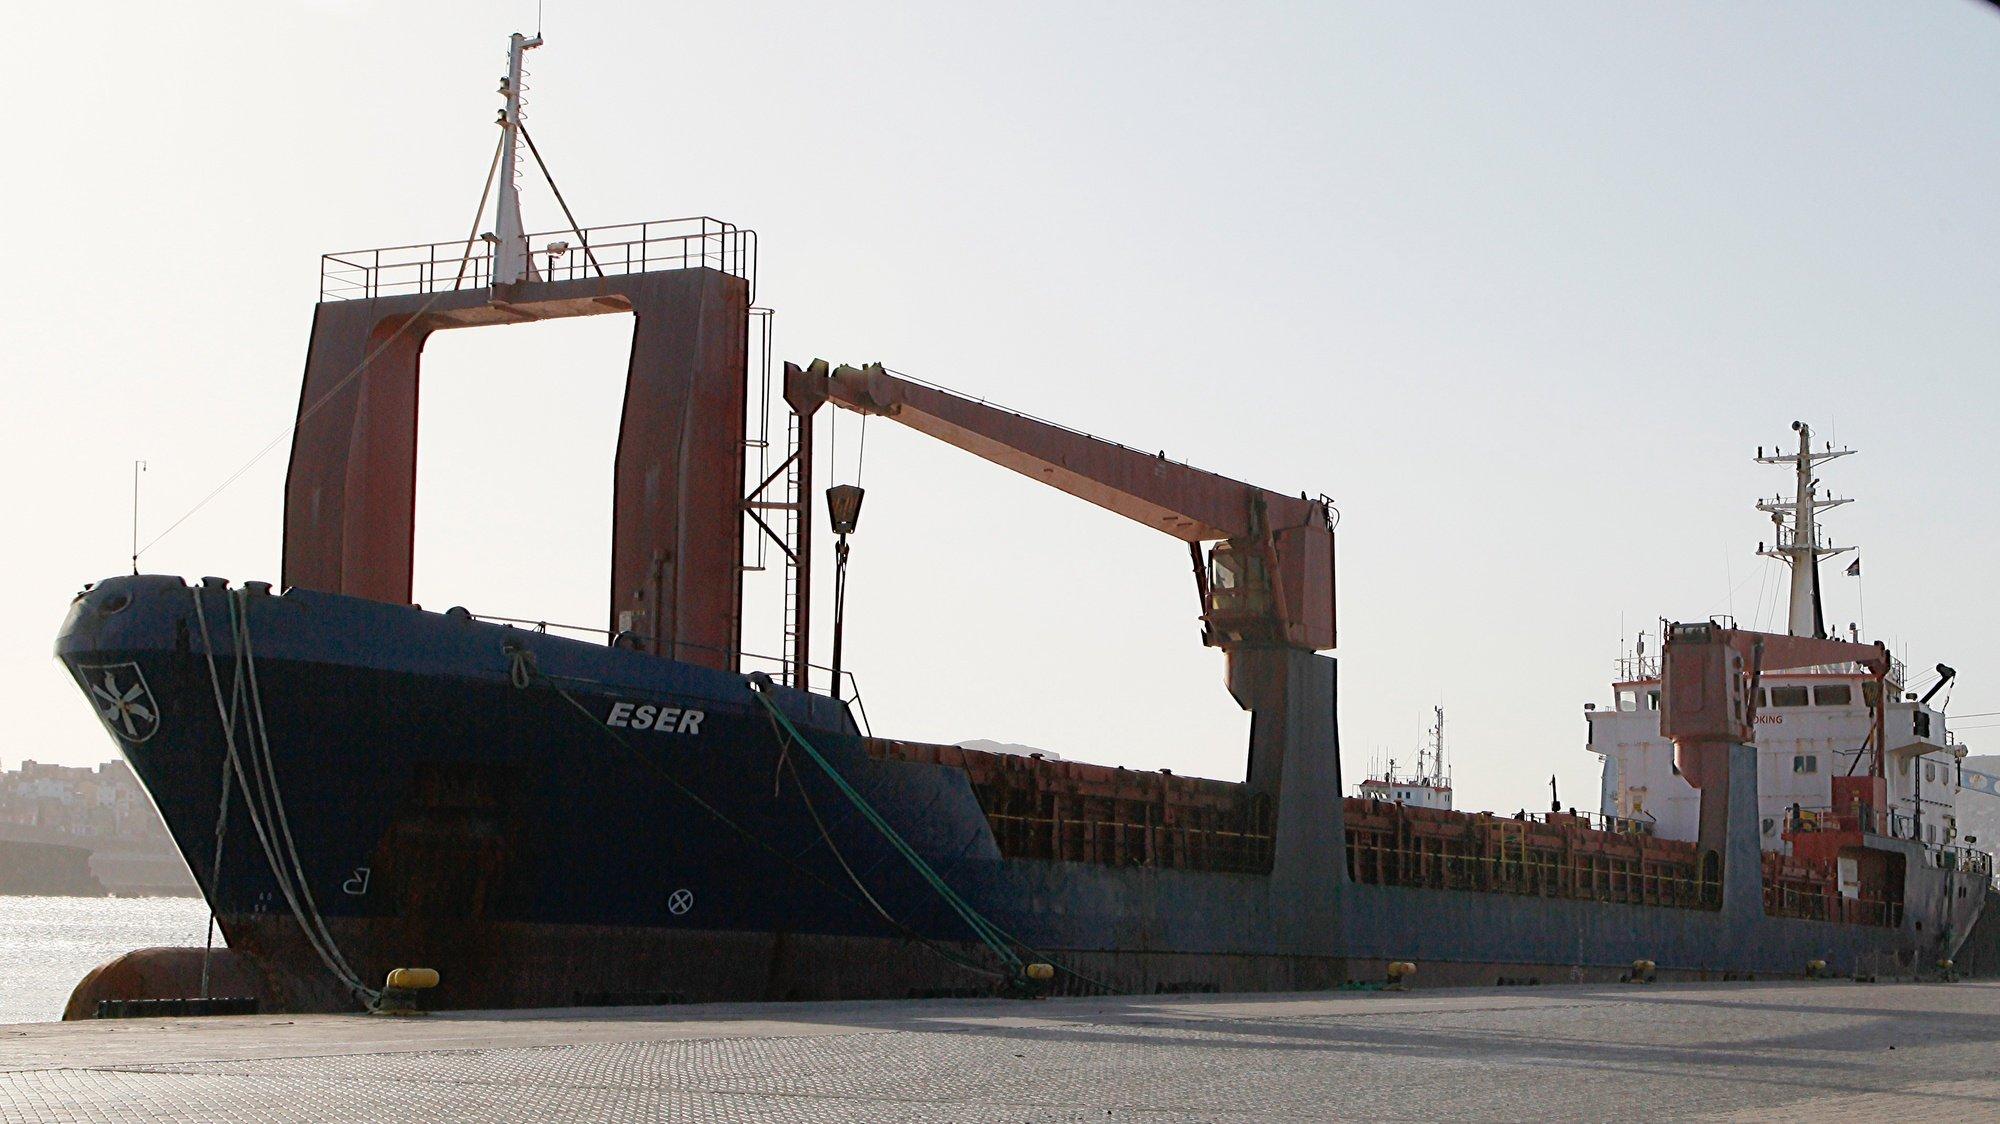 """Navio cargueiro ESER de bandeira do Panamá no porto da Cidade da Praia, Cabo Verde, 22 de outubro de 2019. De acordo com um comunicado divulgado pela Procuradoria-Geral da República (PGR) de Cabo Verde, em causa está a operação """"ESER"""", que em 31 de janeiro conduziu à maior apreensão de droga no país, detetada num navio cargueiro de bandeira do Panamá (de nome """"ESER"""") que atracou no porto da Praia transportando 9.570 quilogramas de cocaína de """"elevado grau de pureza"""", incinerada pelas autoridades dias depois. PAULO JULIÃO/LUSA"""